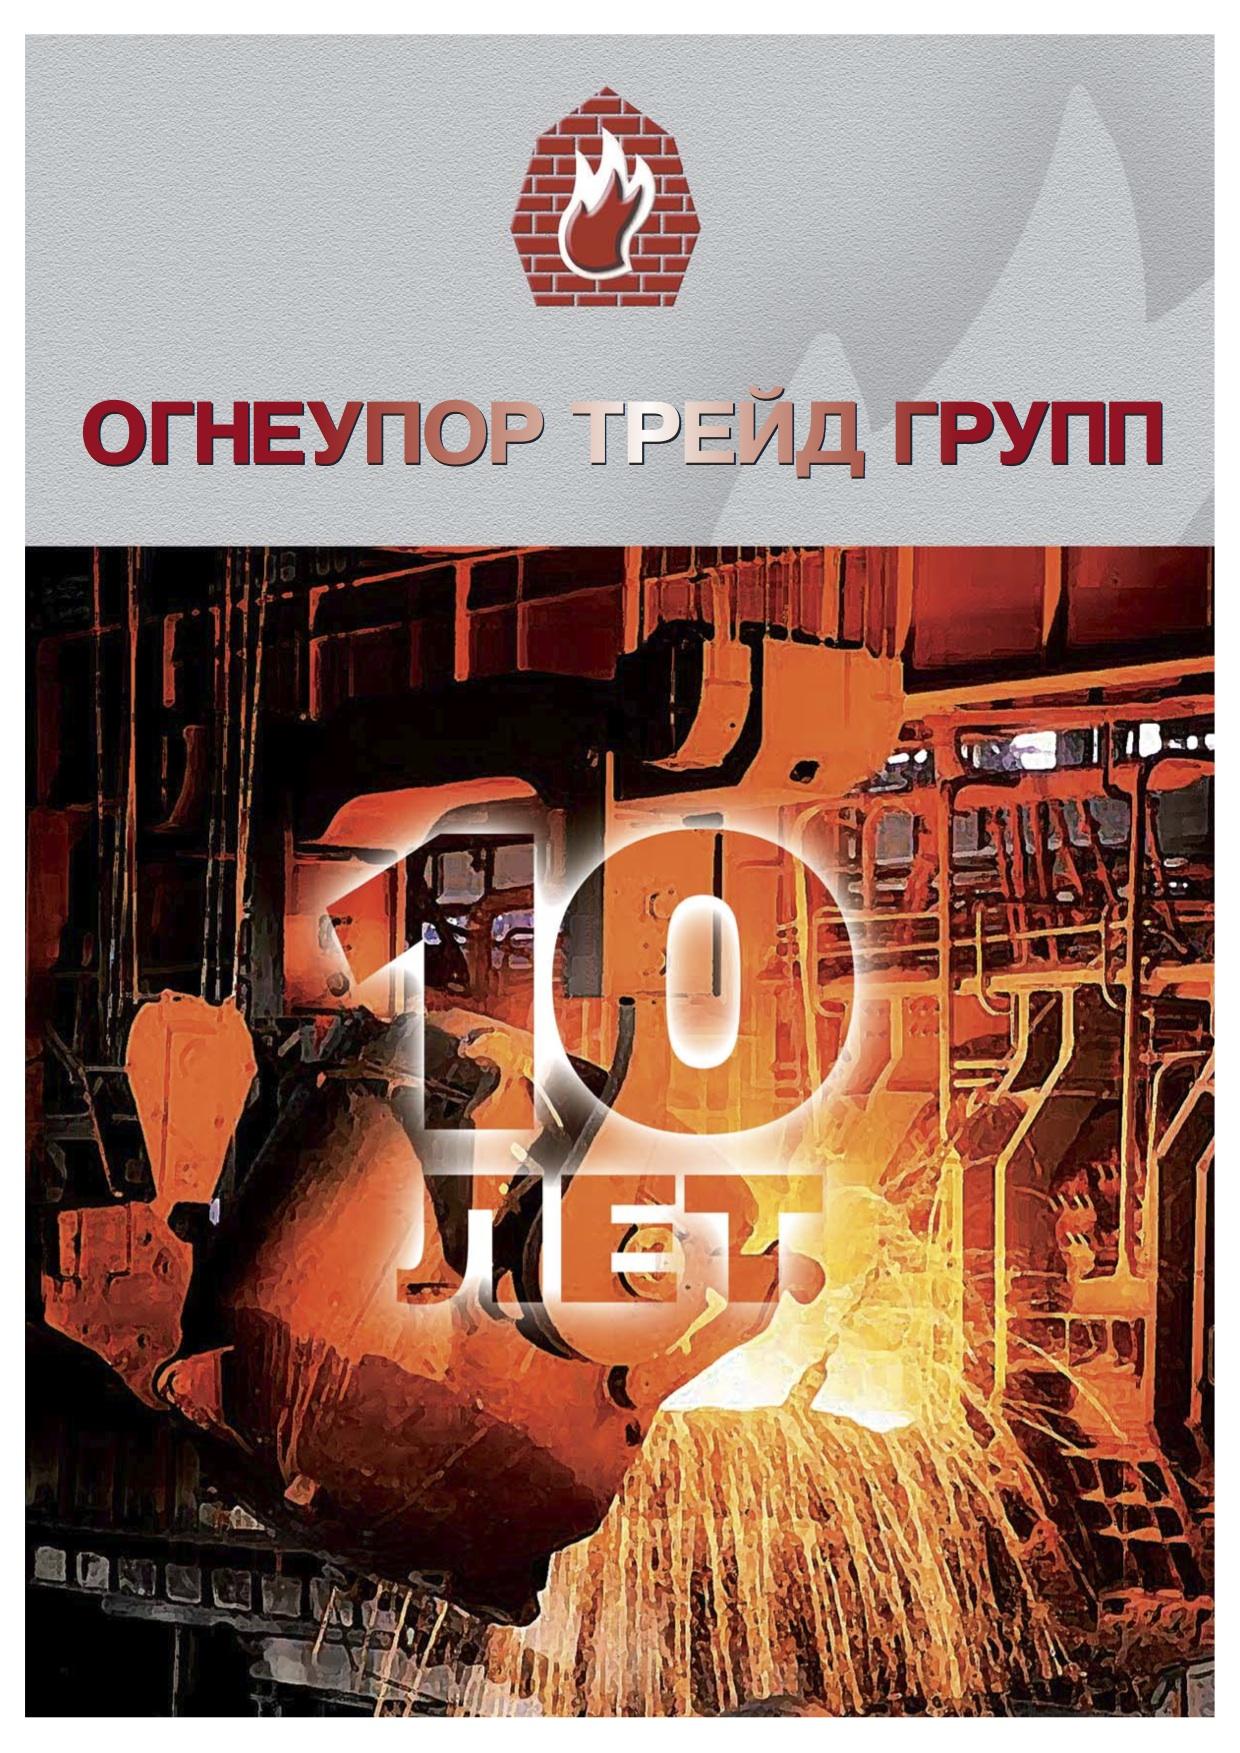 otg2012_1